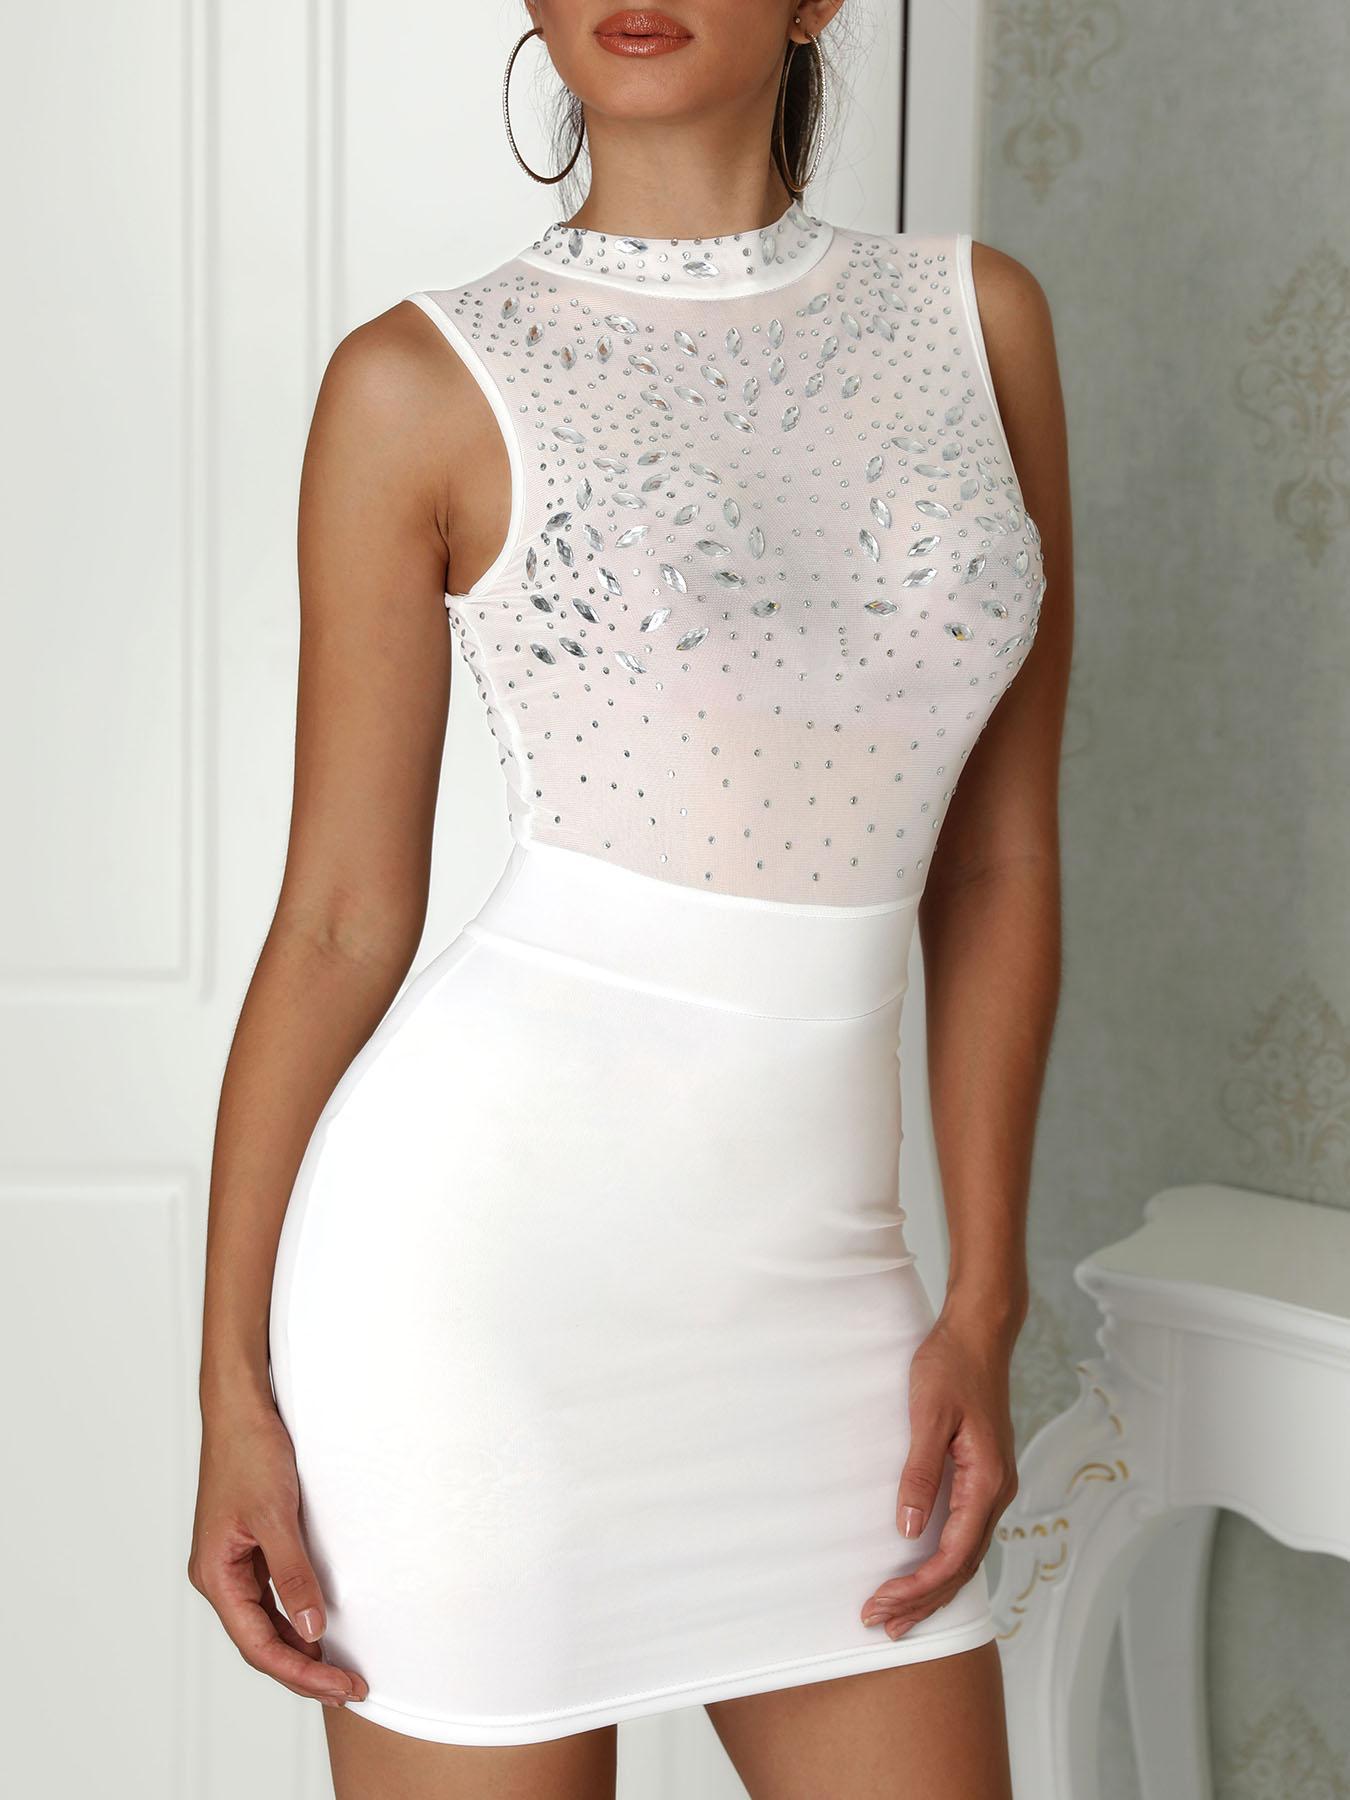 joyshoetique / Shiny Embellished Mesh Splicing Bodycon Dress